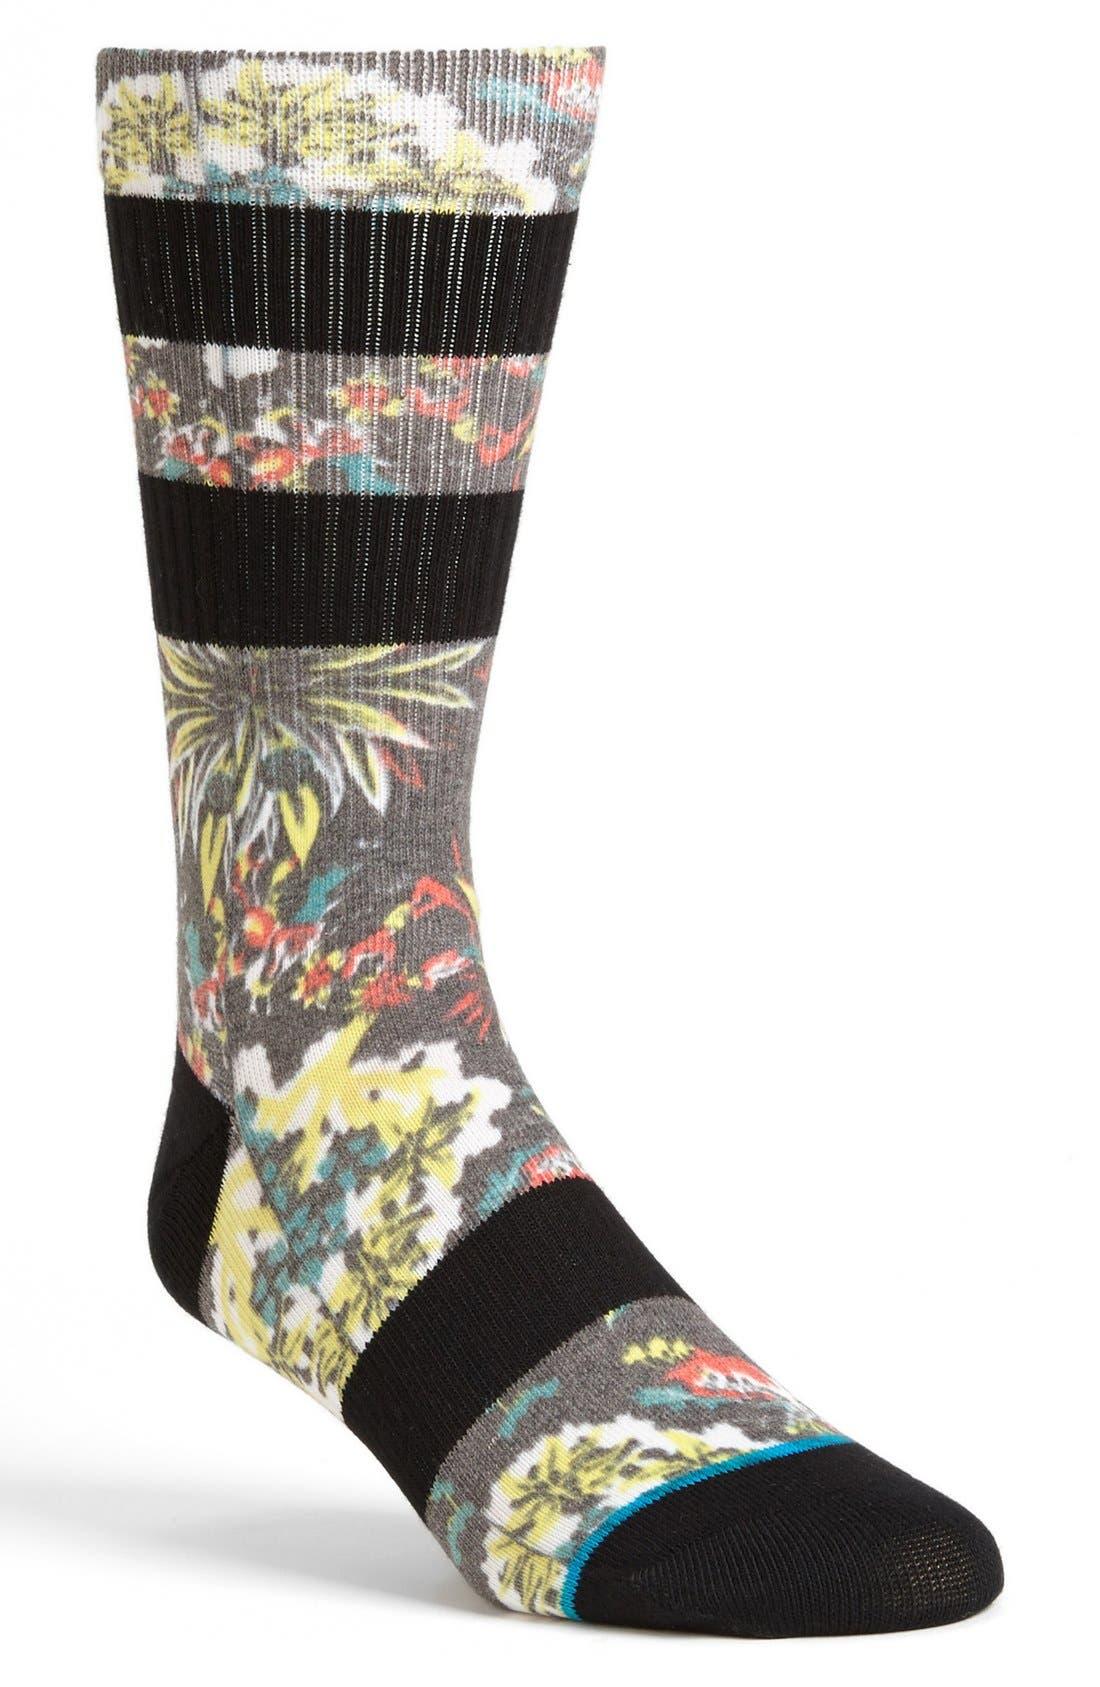 Main Image - Stance 'Kamea' Socks